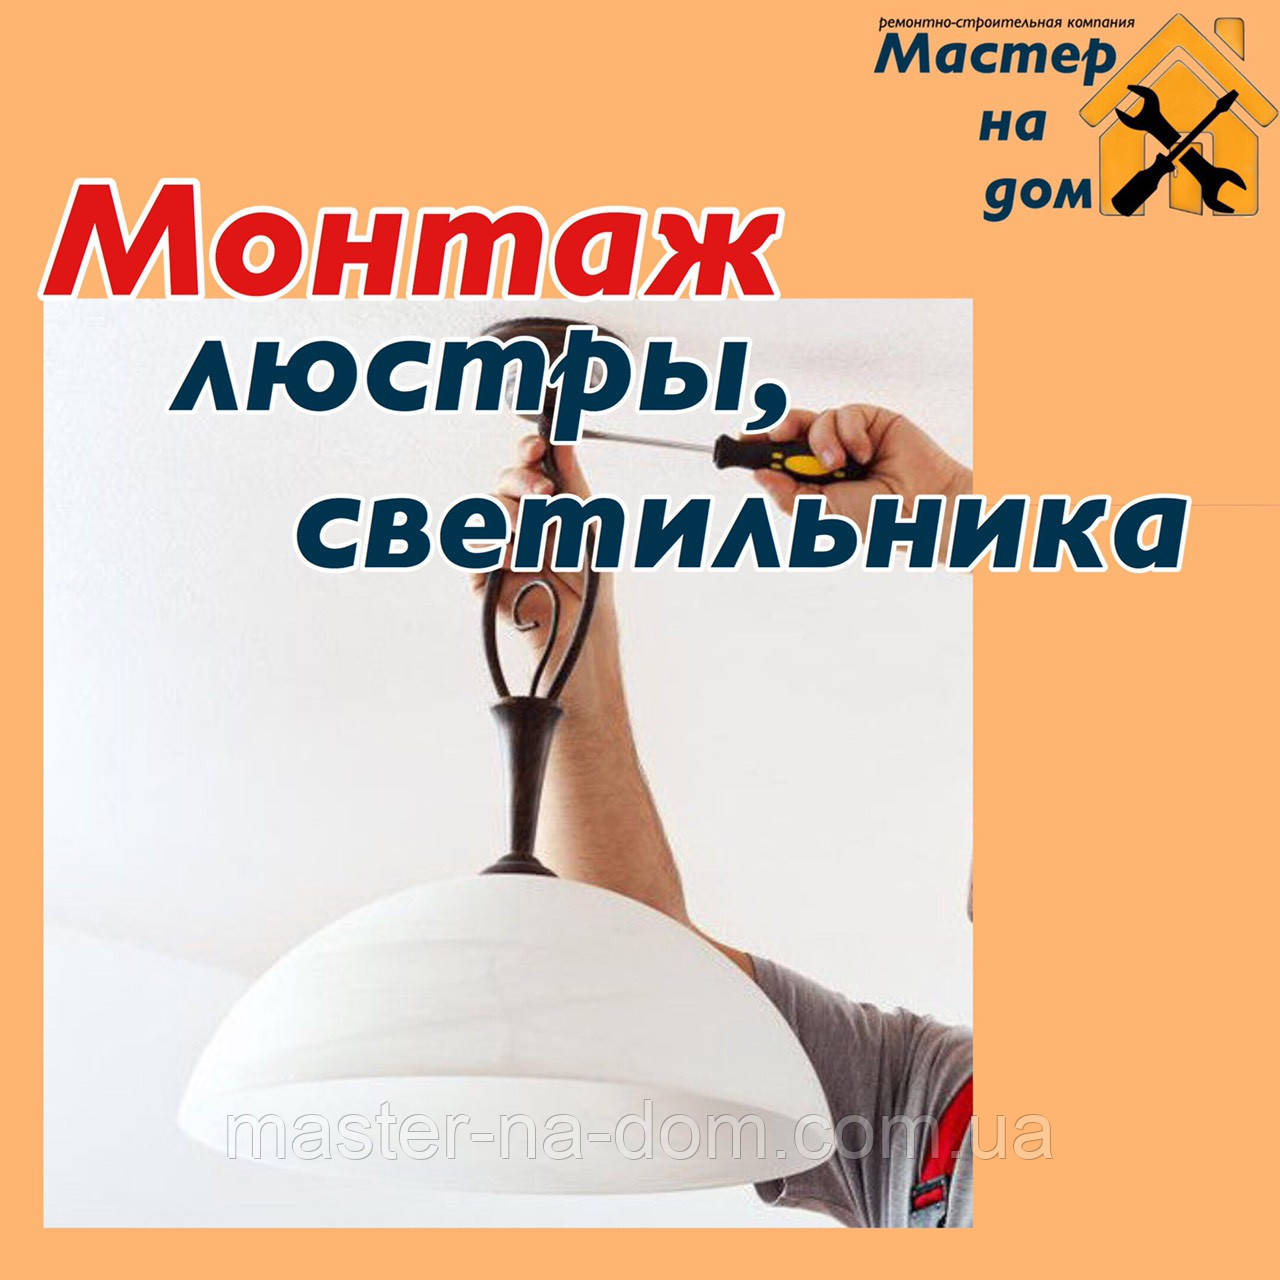 Монтаж люстры, бра, светильника в Одессе